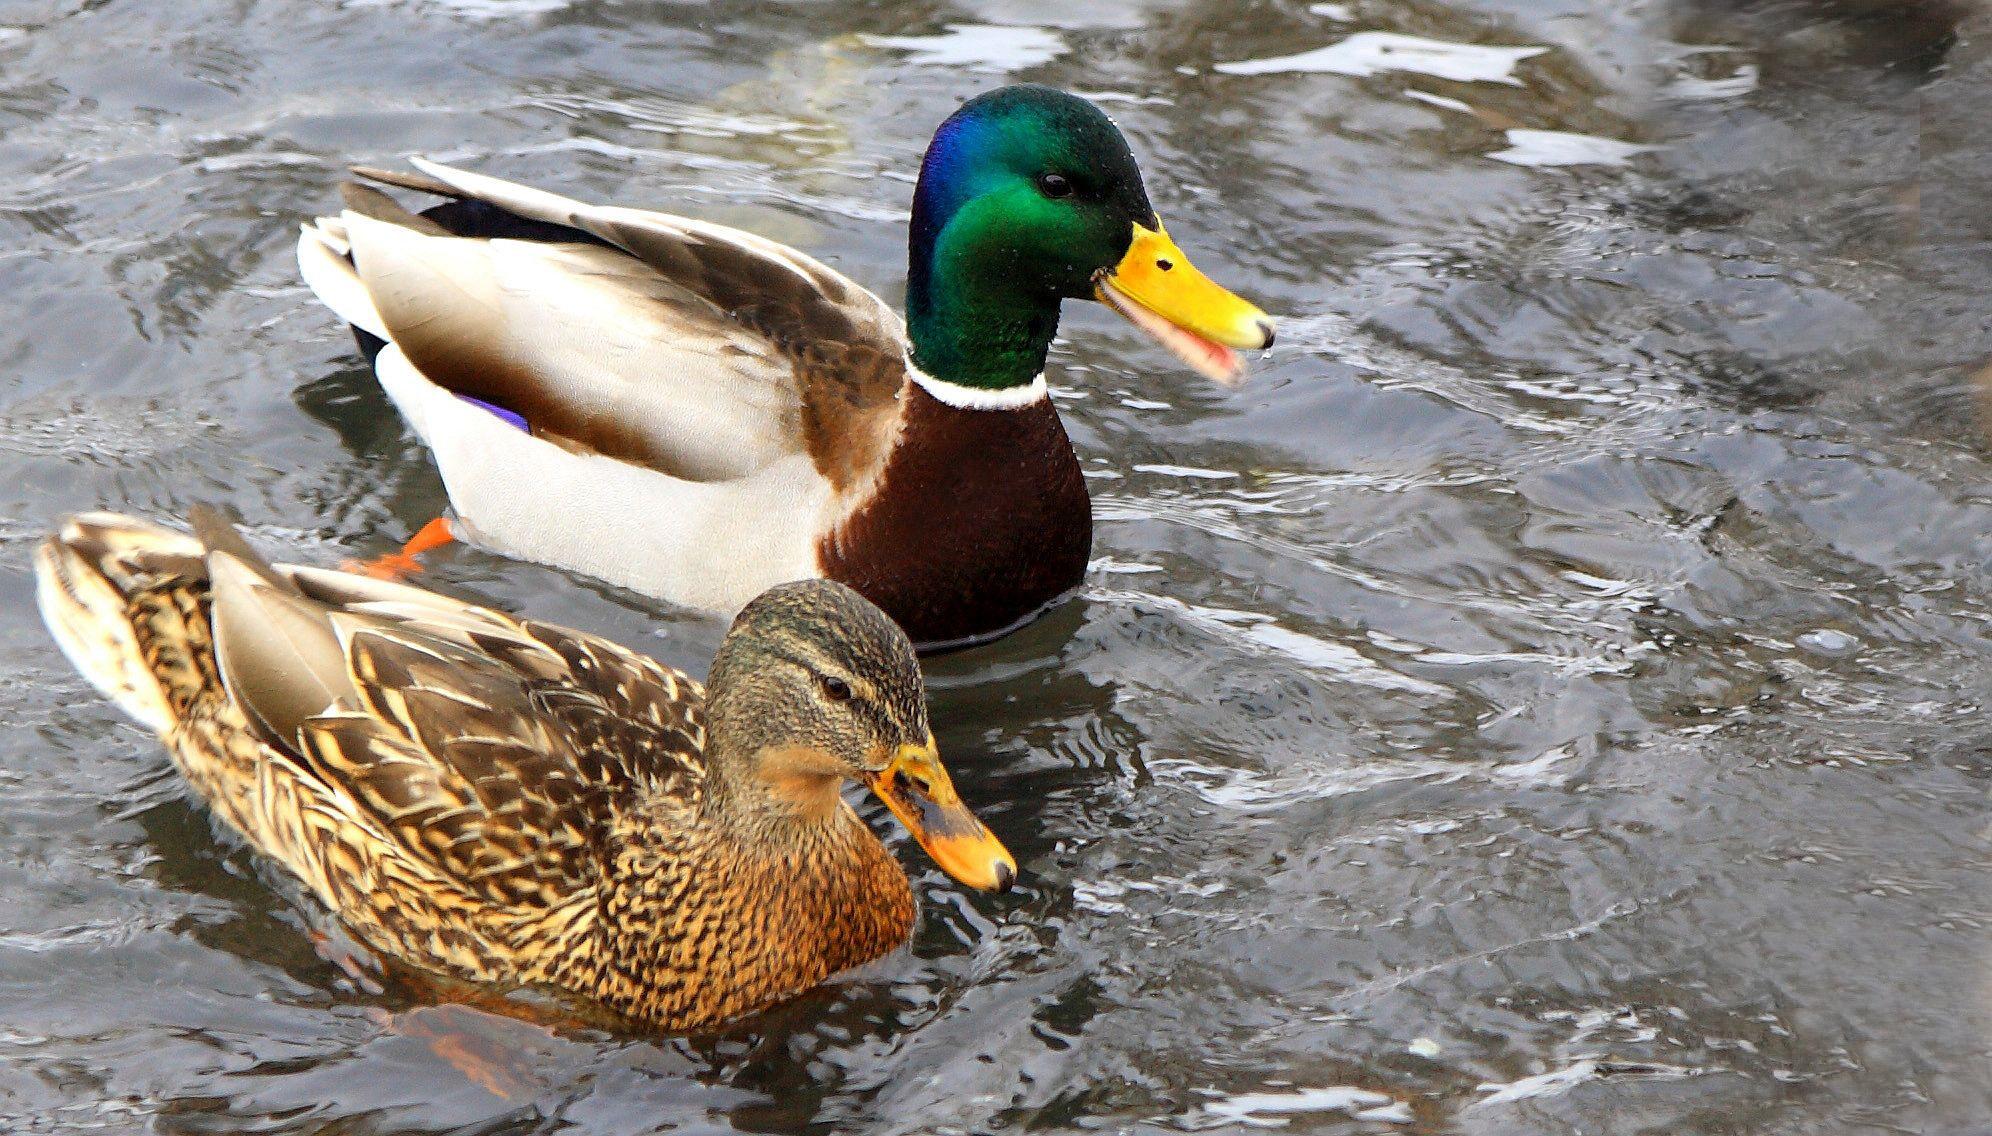 ВТульской области выявлен вирус птичьего гриппа